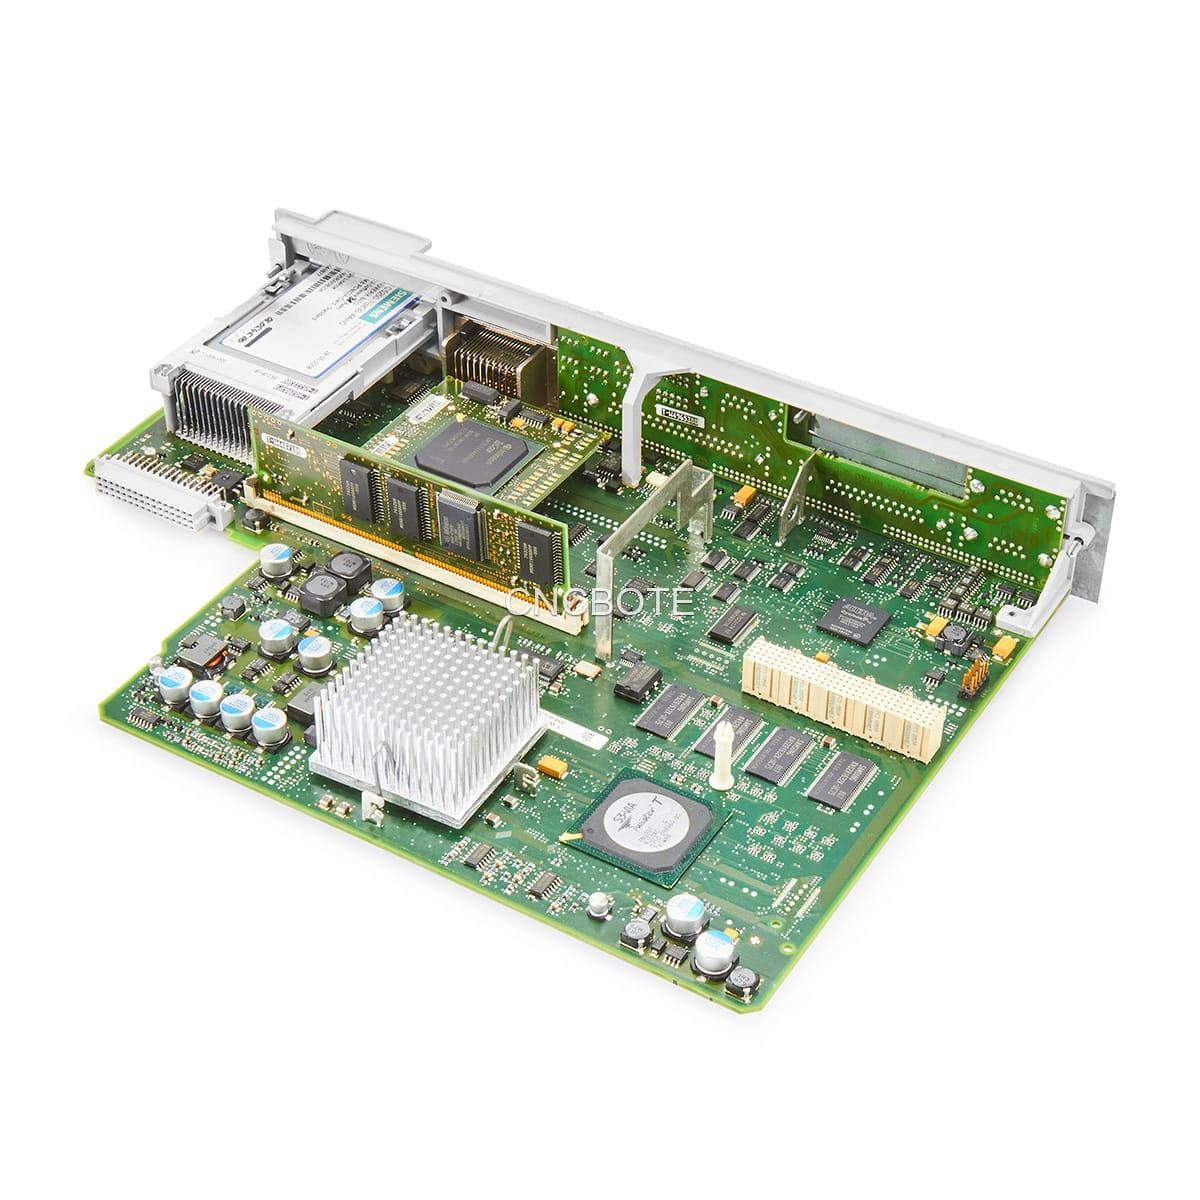 Siemens 6FC5357-0BB35-0AA0 NCU 573.5 933MHz 64MB Sinumerik 840D